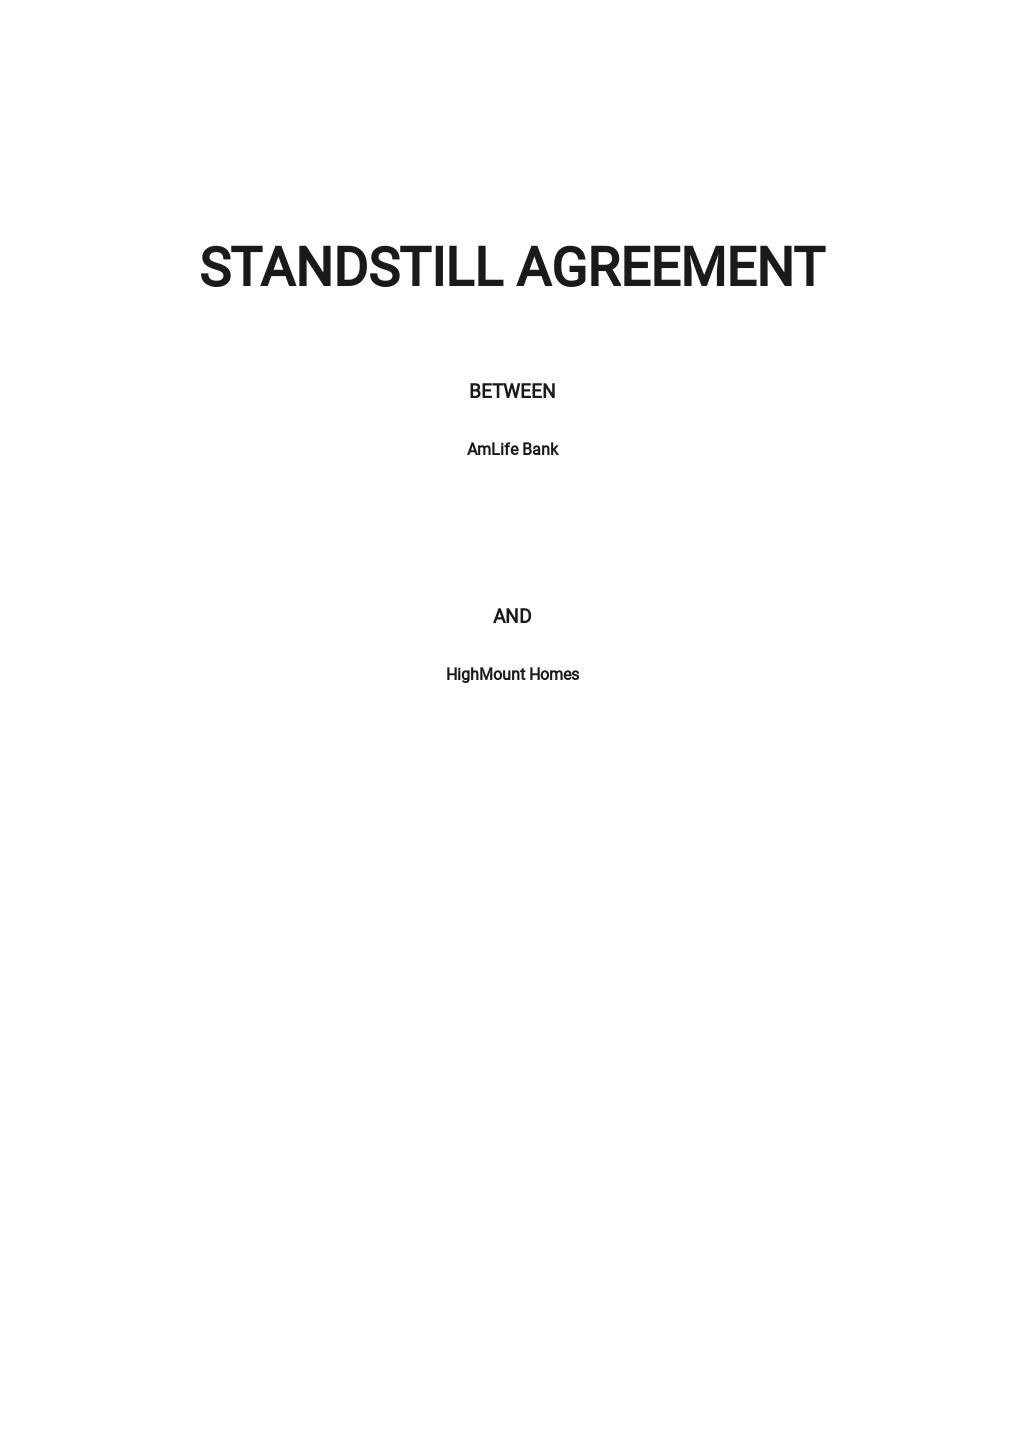 Standstill Agreement Template